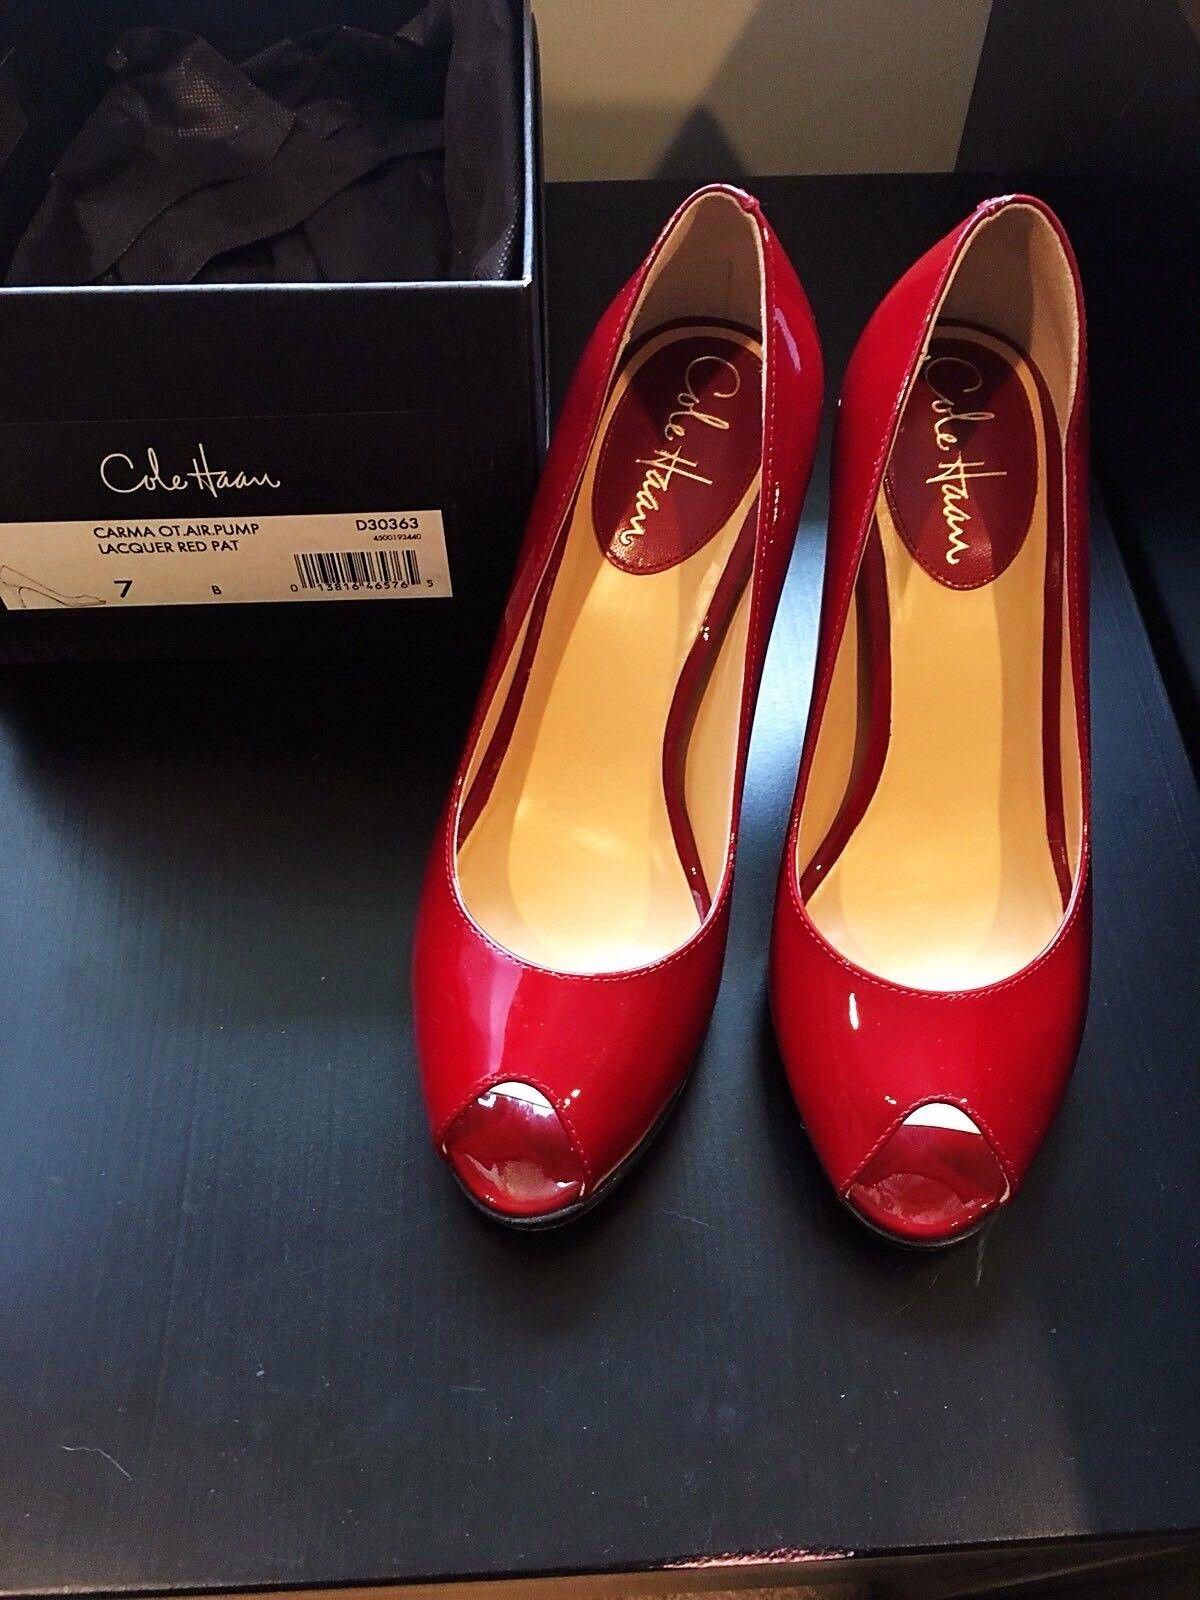 Cole Haan Chaussures Carma Ot pompe à air Noir Patent Peep Toe Talons, Rouge, Taille 7